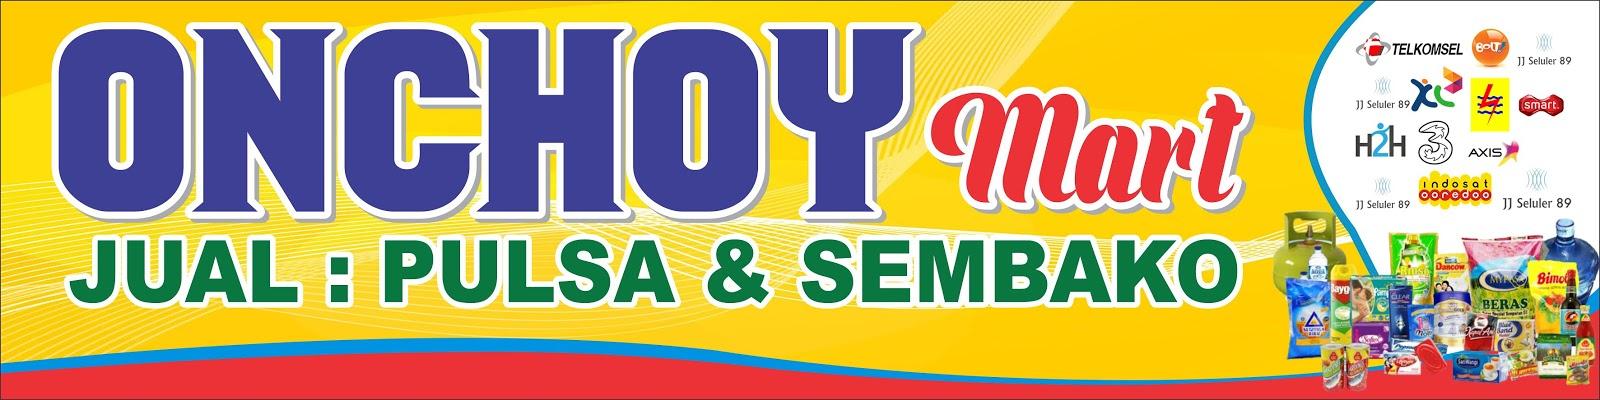 Banner Toko Sembako Dan Pulsa - contoh desain spanduk